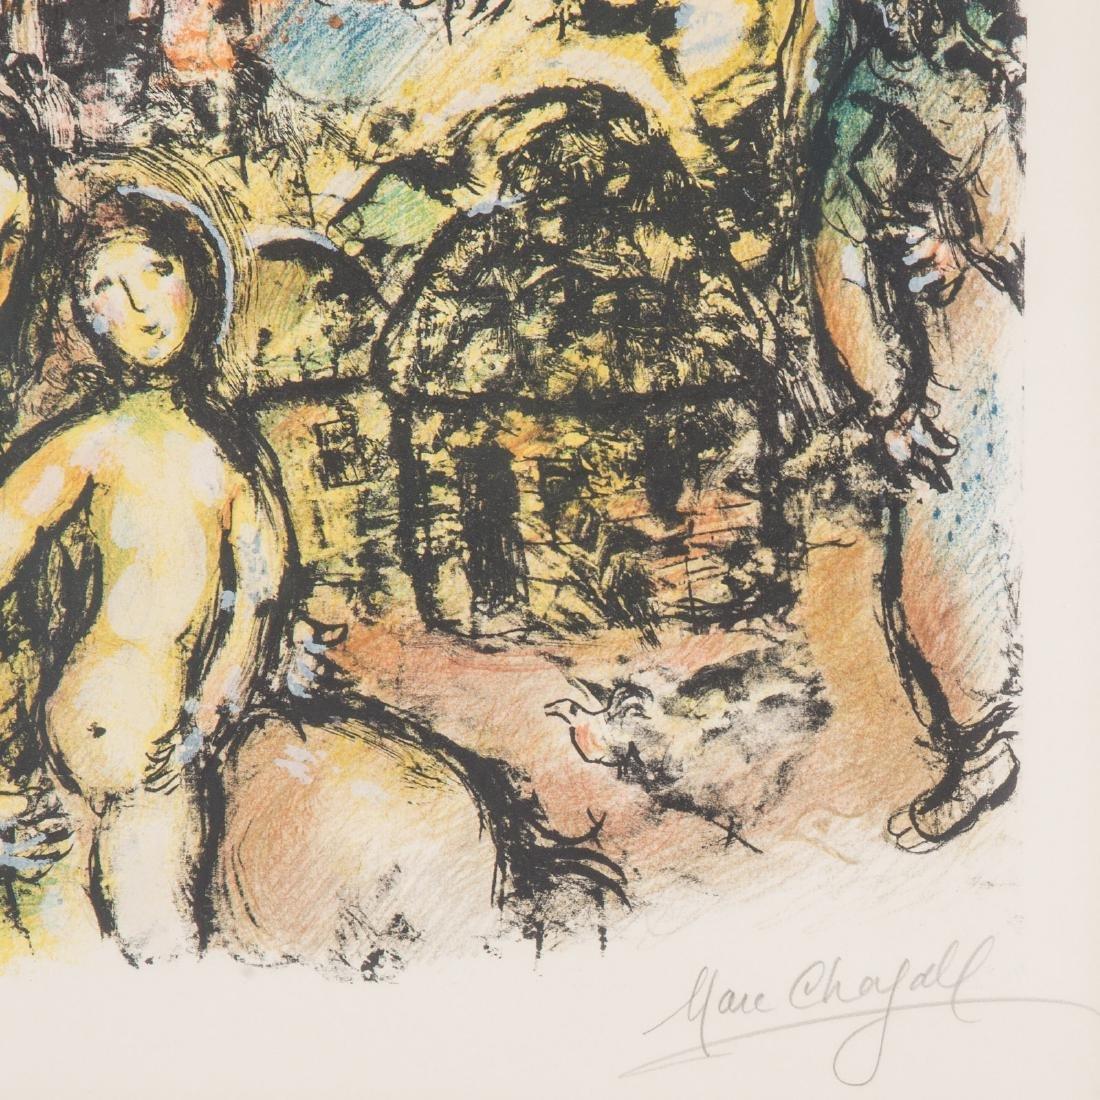 """Marc Chagall. """"La Sainte Famille,"""" lithograph - 3"""